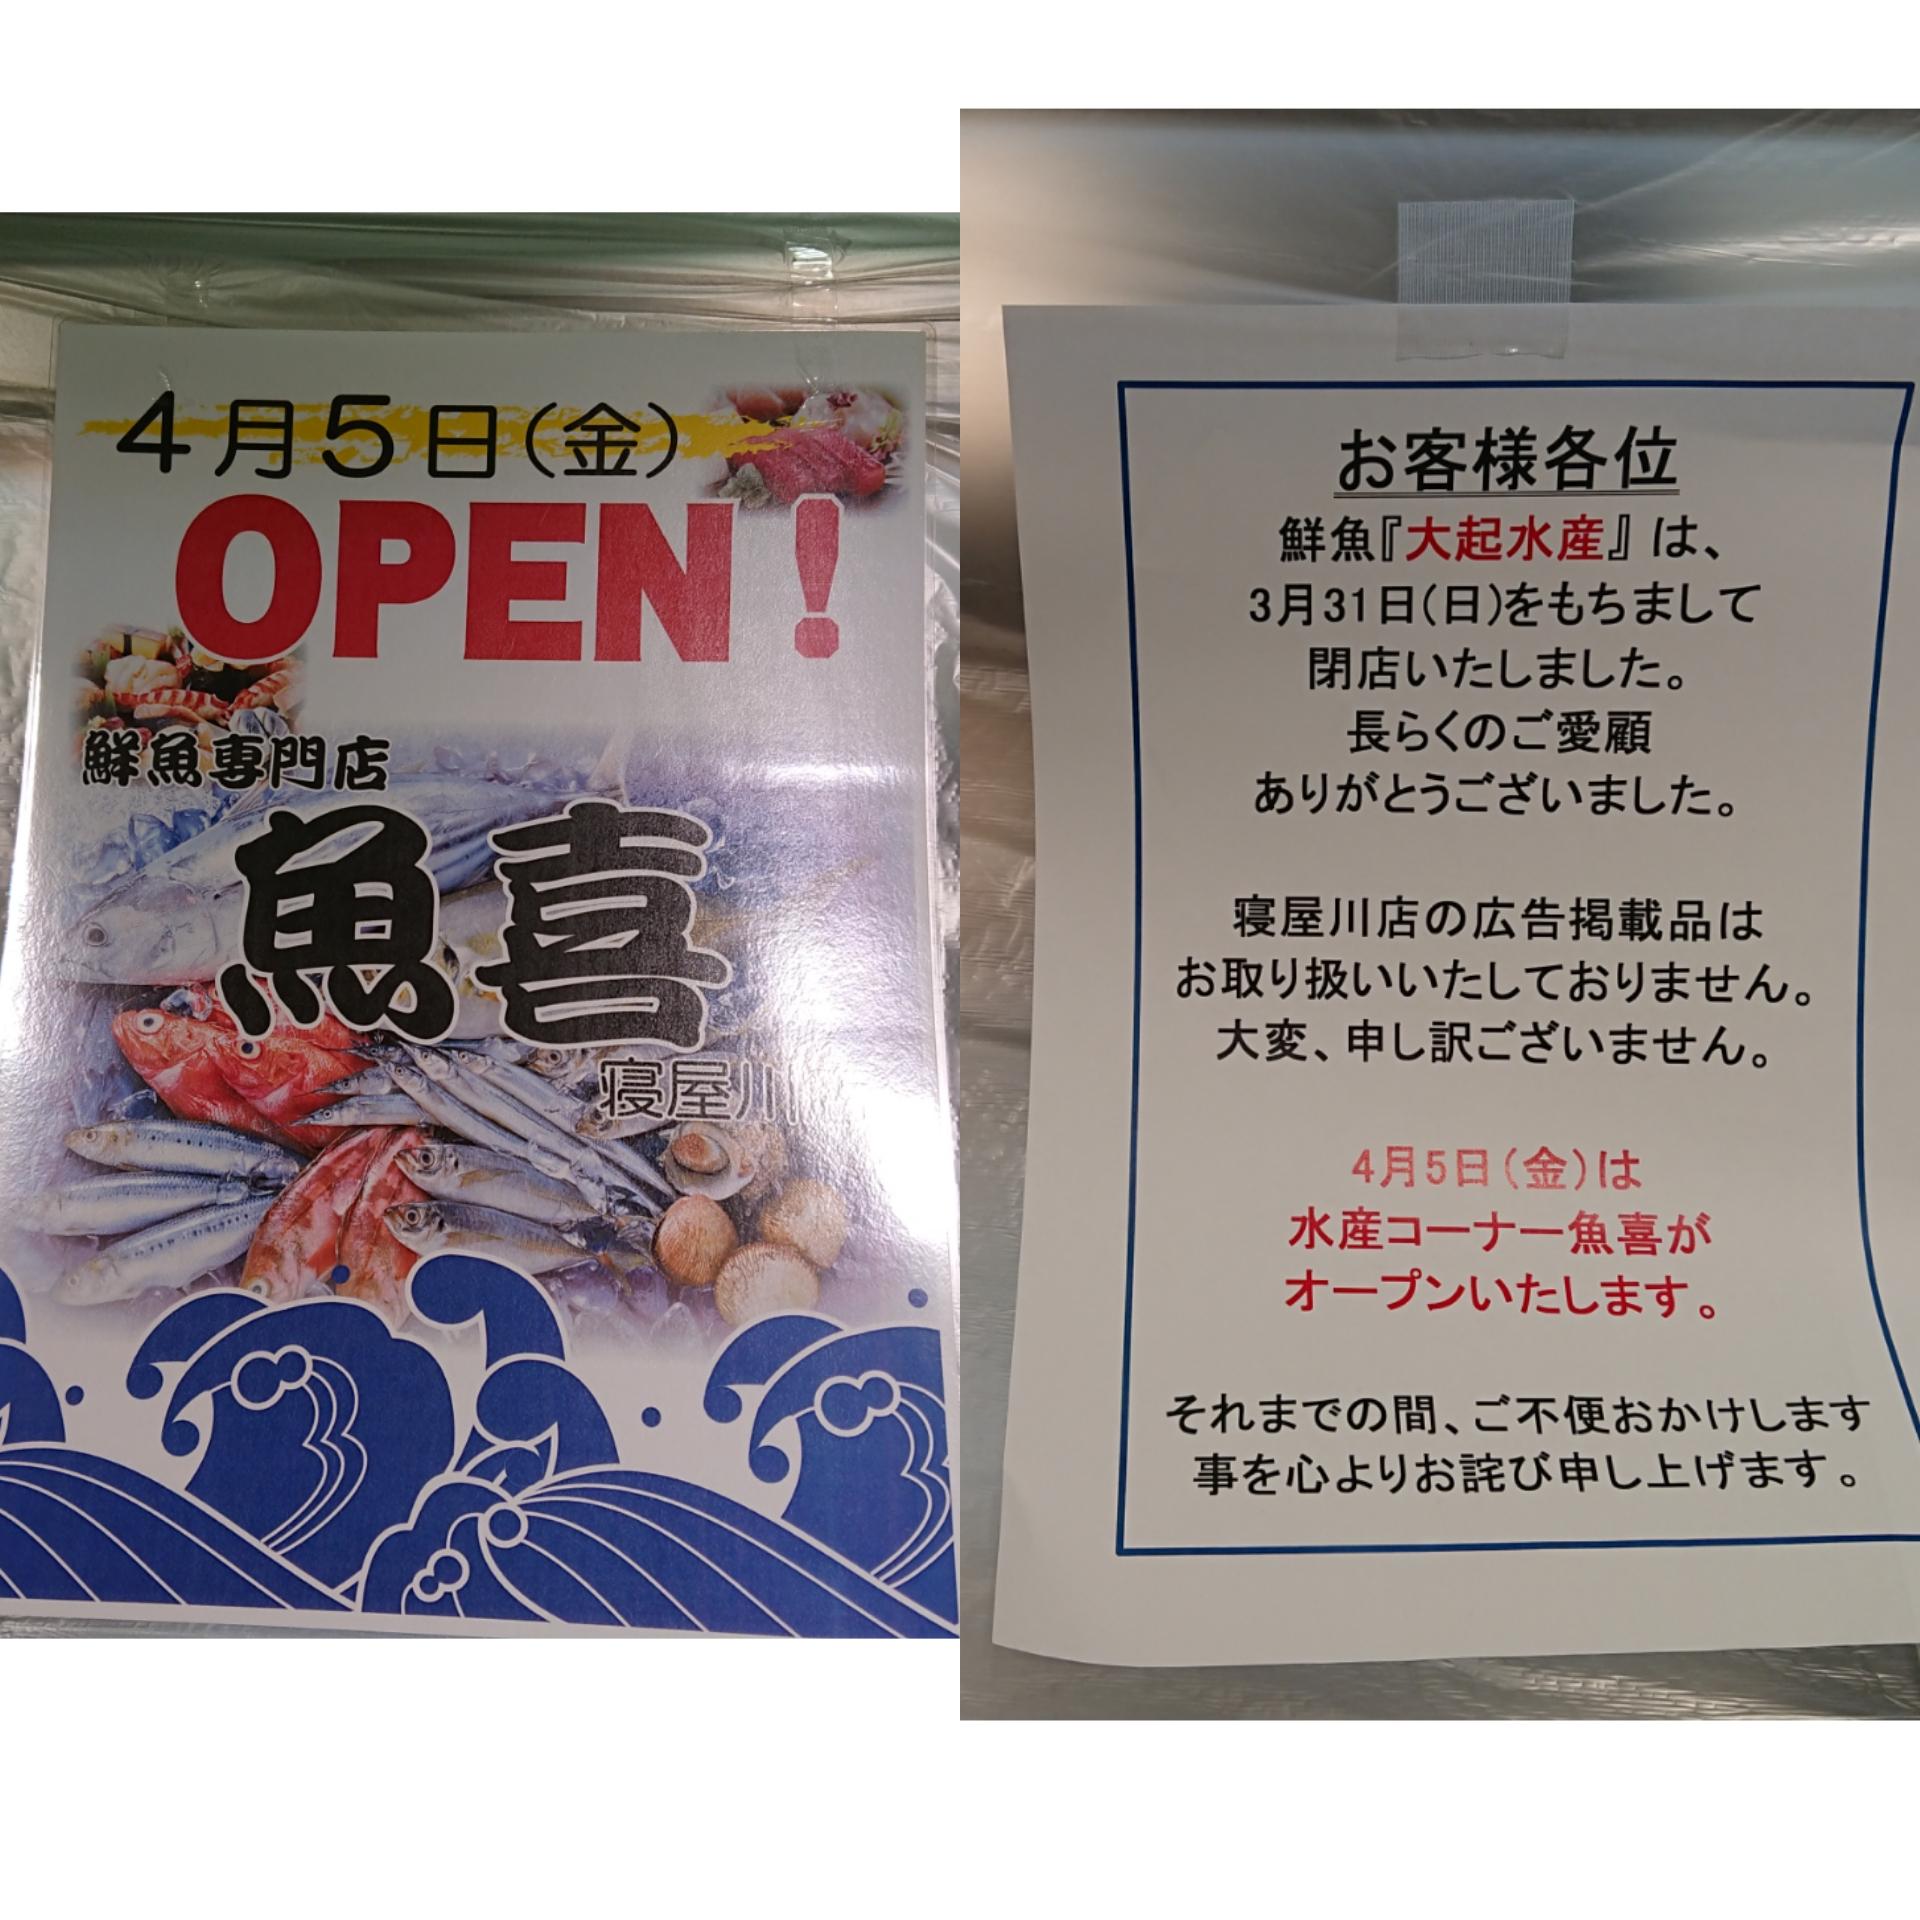 ★フレスト寝屋川店★新しい魚屋さんにワク…の画像